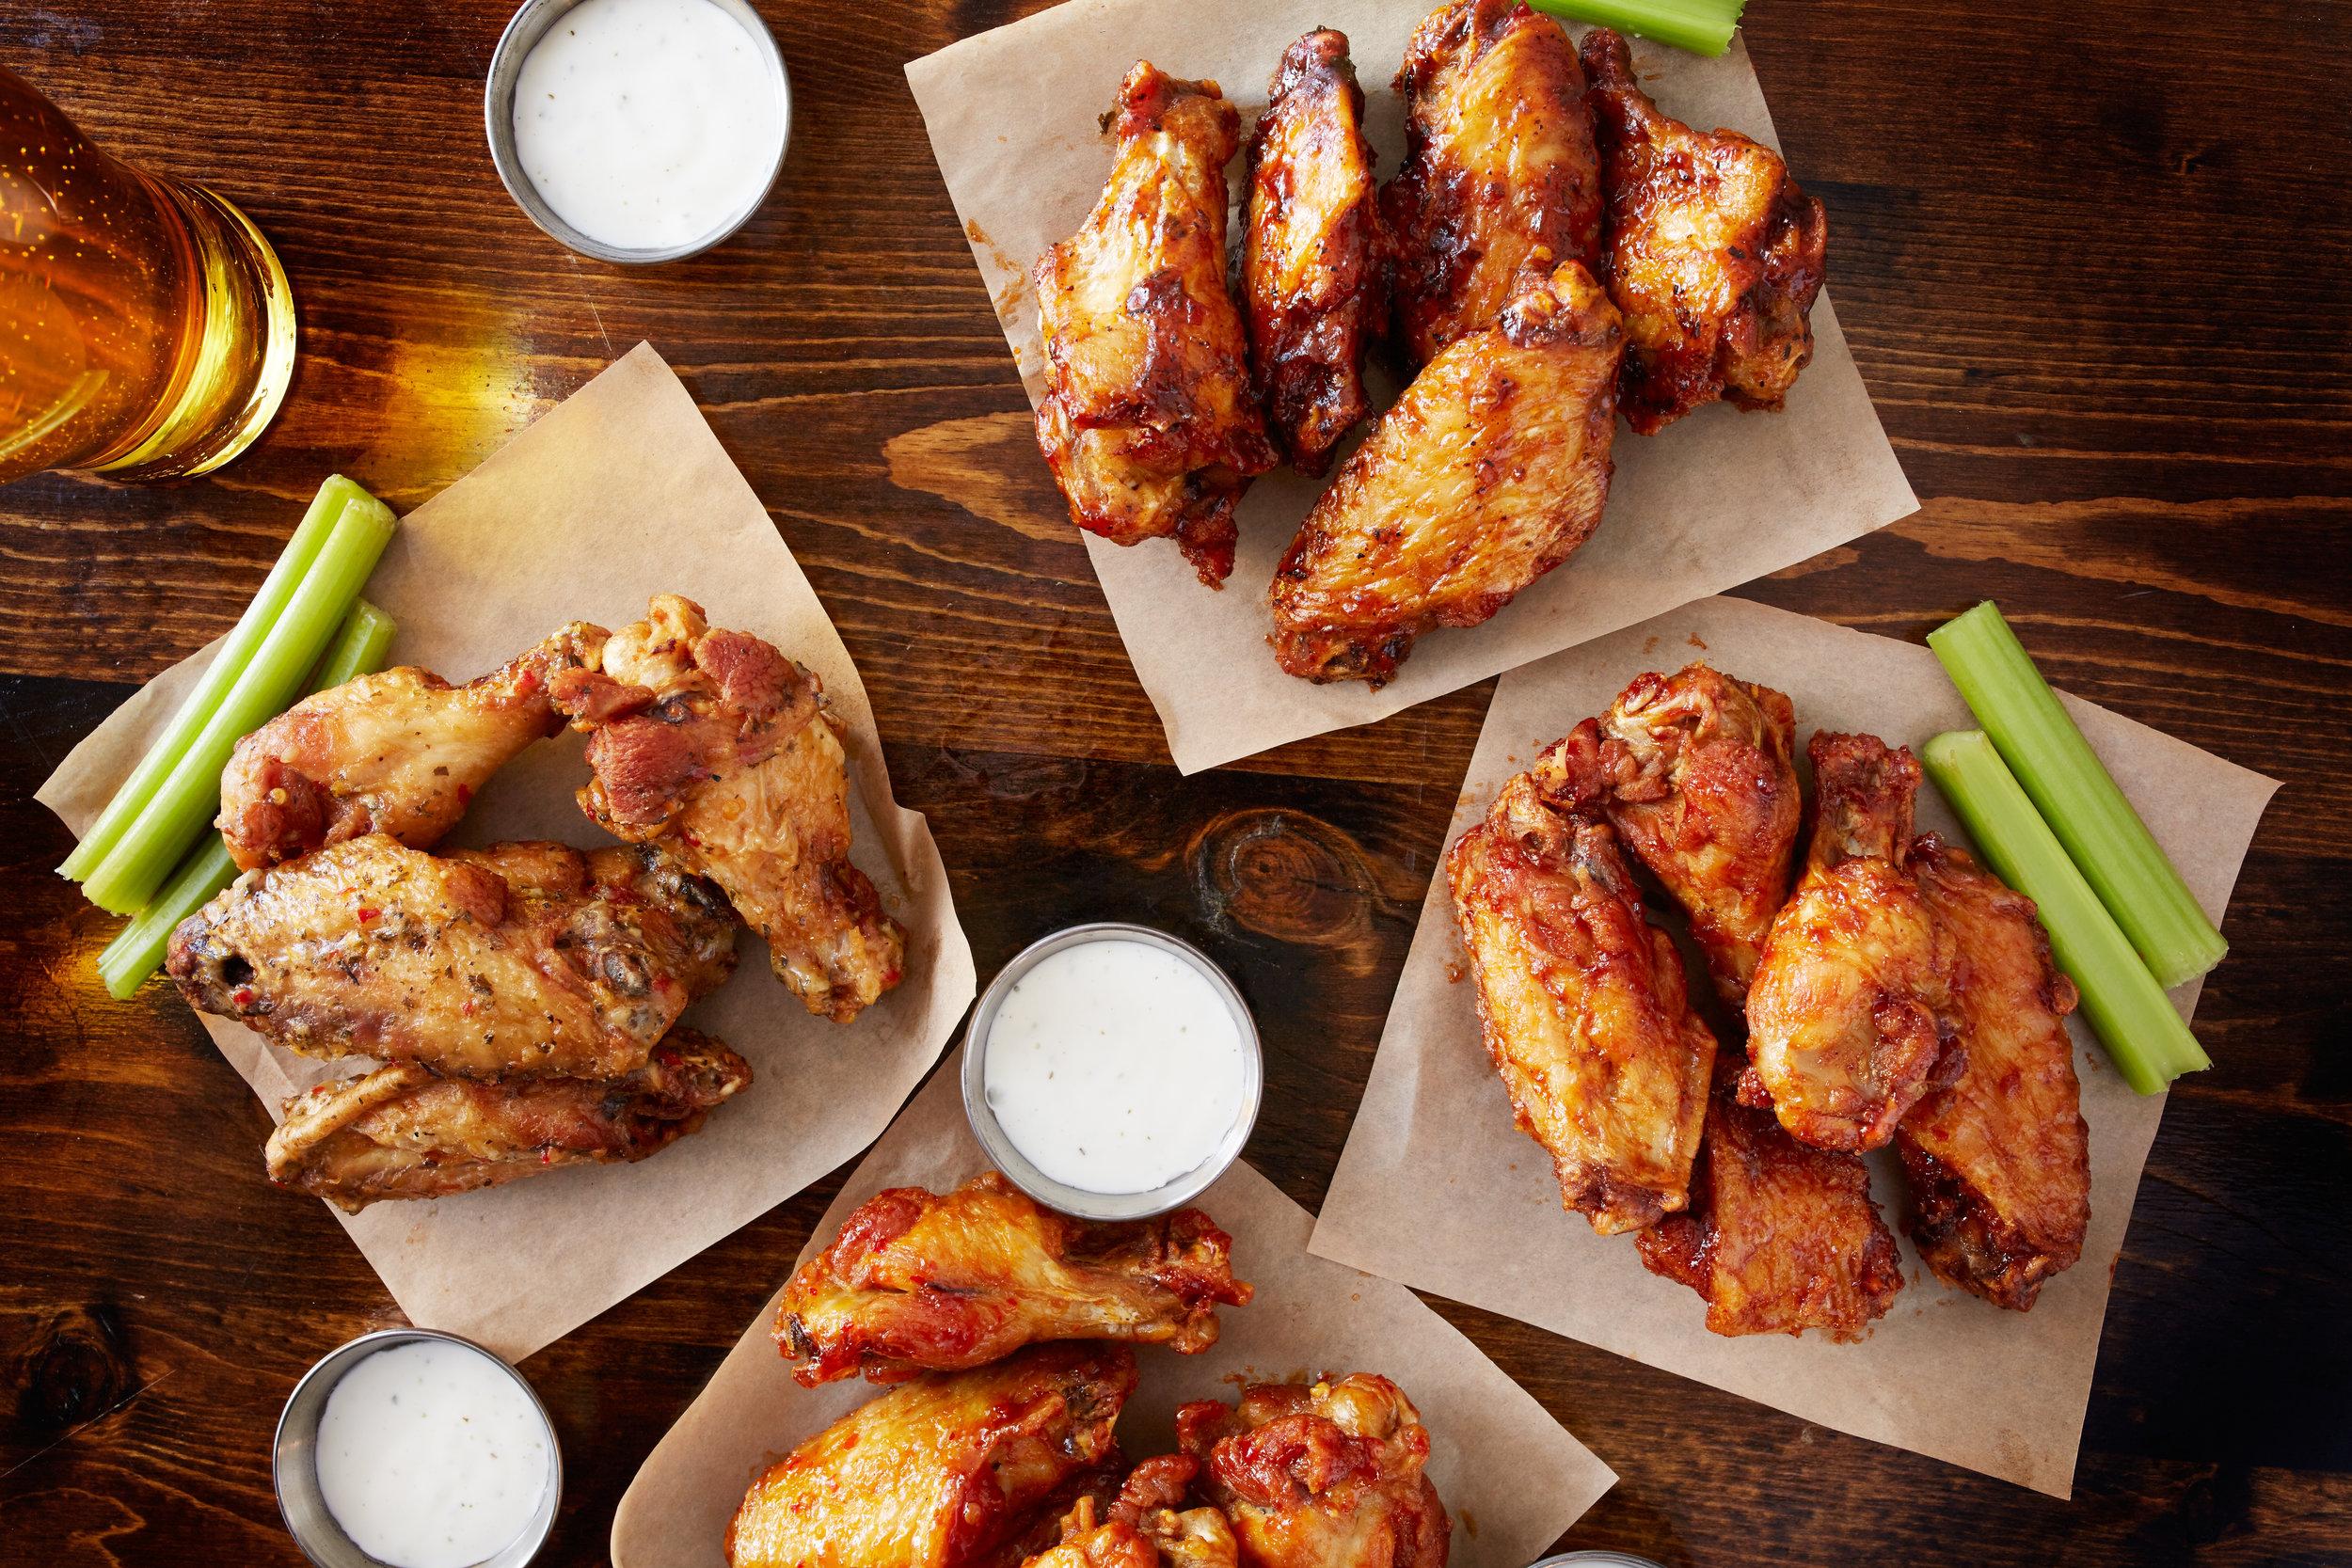 Cosori All Cosori Recipes Dry Rubbed Chicken Wings